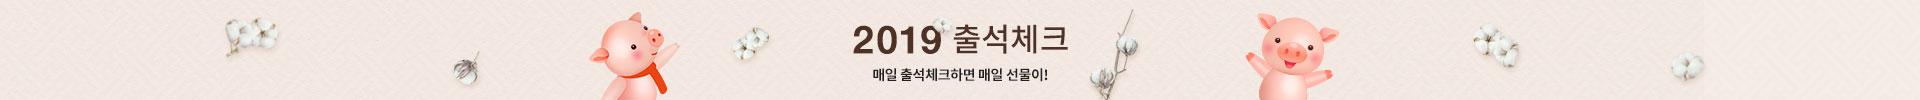 2019 출석체크